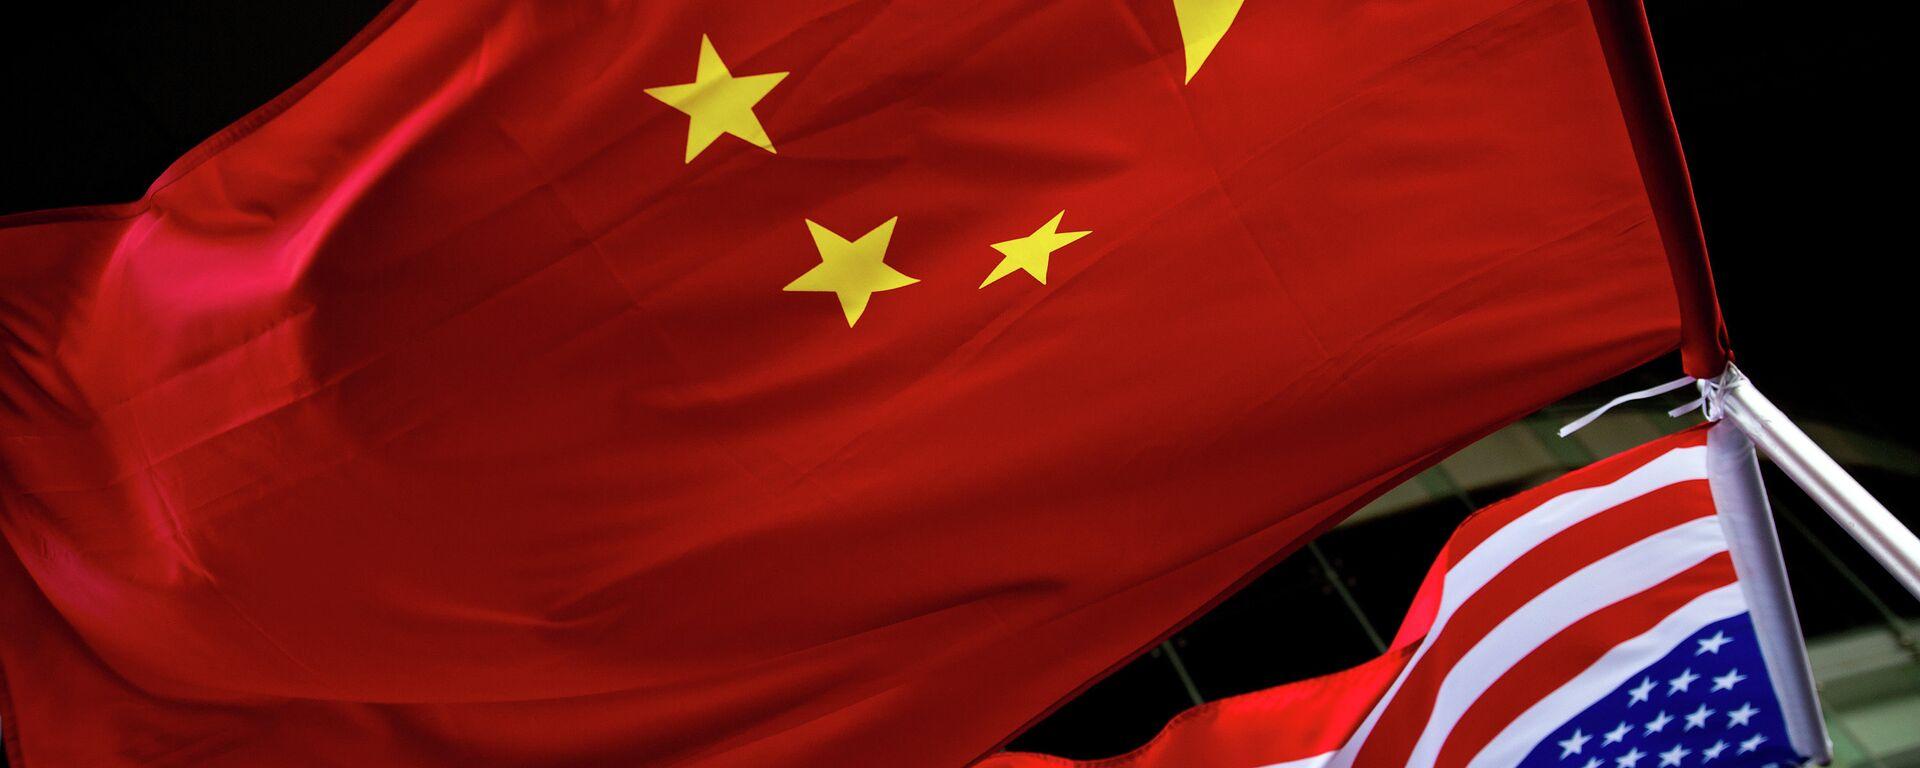 Banderas de China y EEUU - Sputnik Mundo, 1920, 30.07.2021